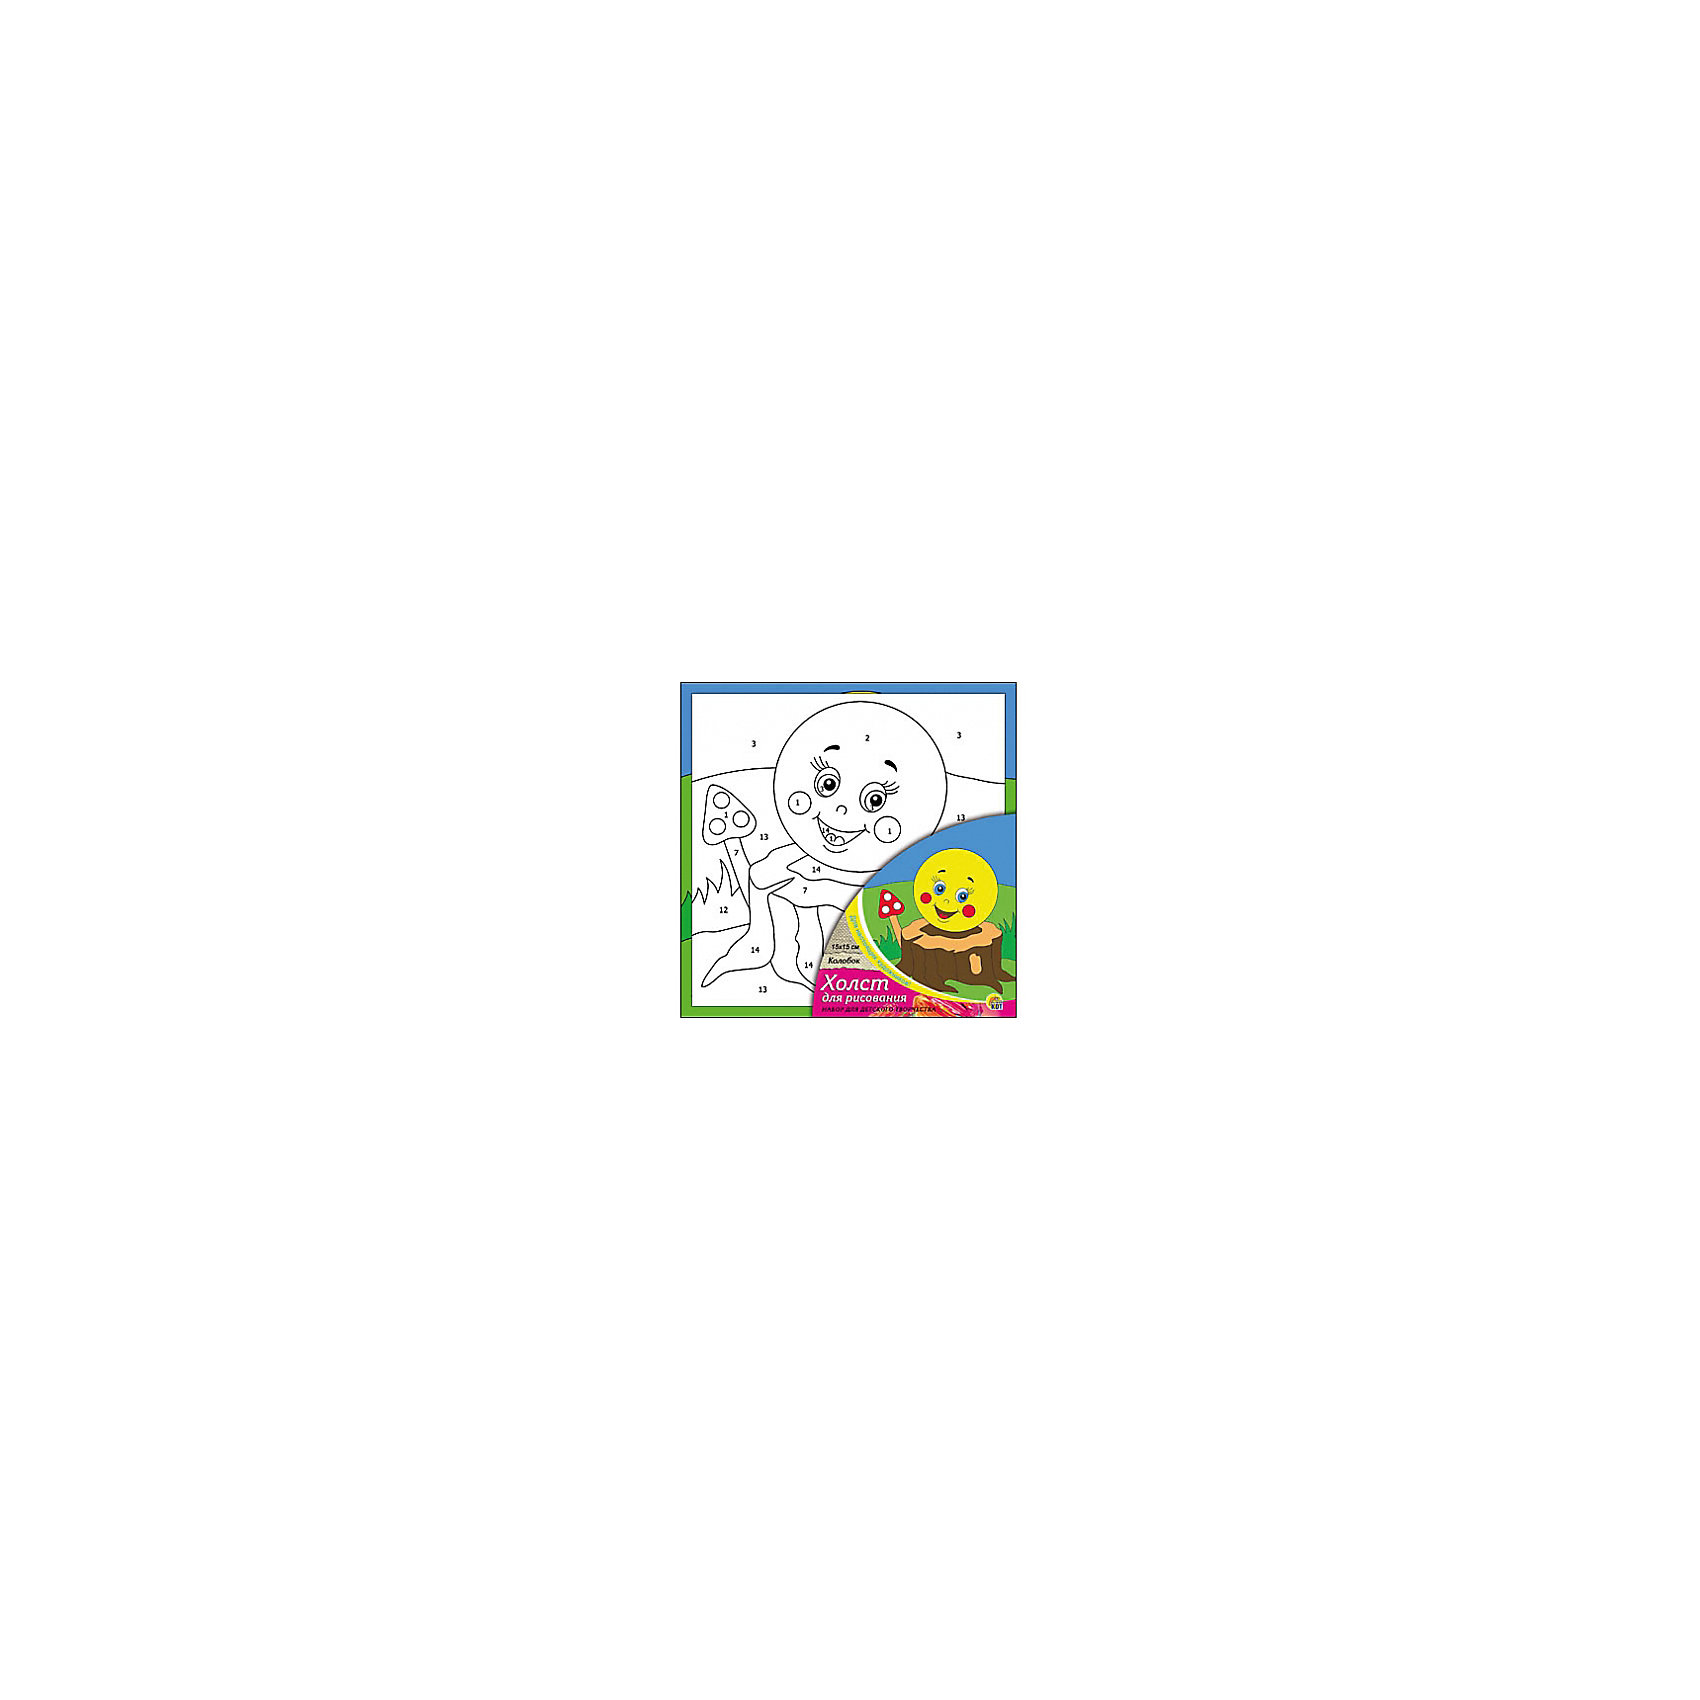 Холст с красками по номерам Колобок, 15х15 смРисование<br>Набор для творчества Колобок поможет ребенку своими руками создать яркий, привлекающий внимание шедевр. Достаточно правильно нанести на рисунок краску, соответствующую номеру на холсте, и картинка словно оживет и будет привлекать внимание своей красотой и уникальностью. В процессе творчества ребенок будет развивать художественные навыки и внимание. Отличный выбор для творческих детей!<br><br>Дополнительная информация:<br>В комплекте: 1 холст с эскизом, 7 акриловых красок, кисточка<br>Сказочный персонаж: Колобок<br>Размер: 15х1,5х15 см<br>Вес: 140 грамм<br>Вы можете купить набор для творчества Колобок в нашем интернет-магазине.<br><br>Ширина мм: 150<br>Глубина мм: 15<br>Высота мм: 150<br>Вес г: 140<br>Возраст от месяцев: 36<br>Возраст до месяцев: 120<br>Пол: Унисекс<br>Возраст: Детский<br>SKU: 4939501